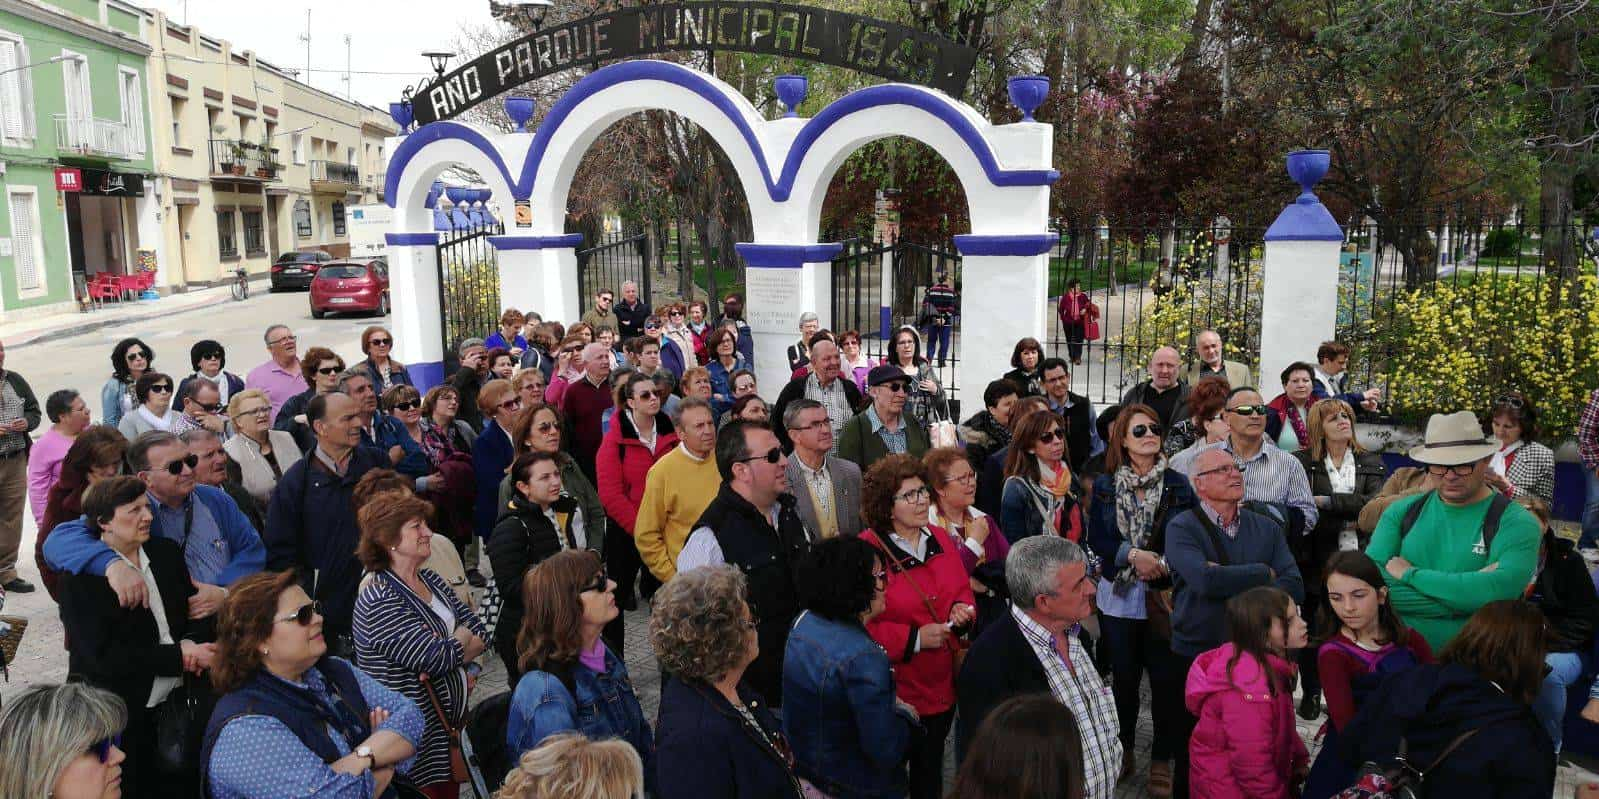 Visitas culturales sabores del quijote en Herencia18 - Herencia se convierte en el centro turístico de Ciudad Real